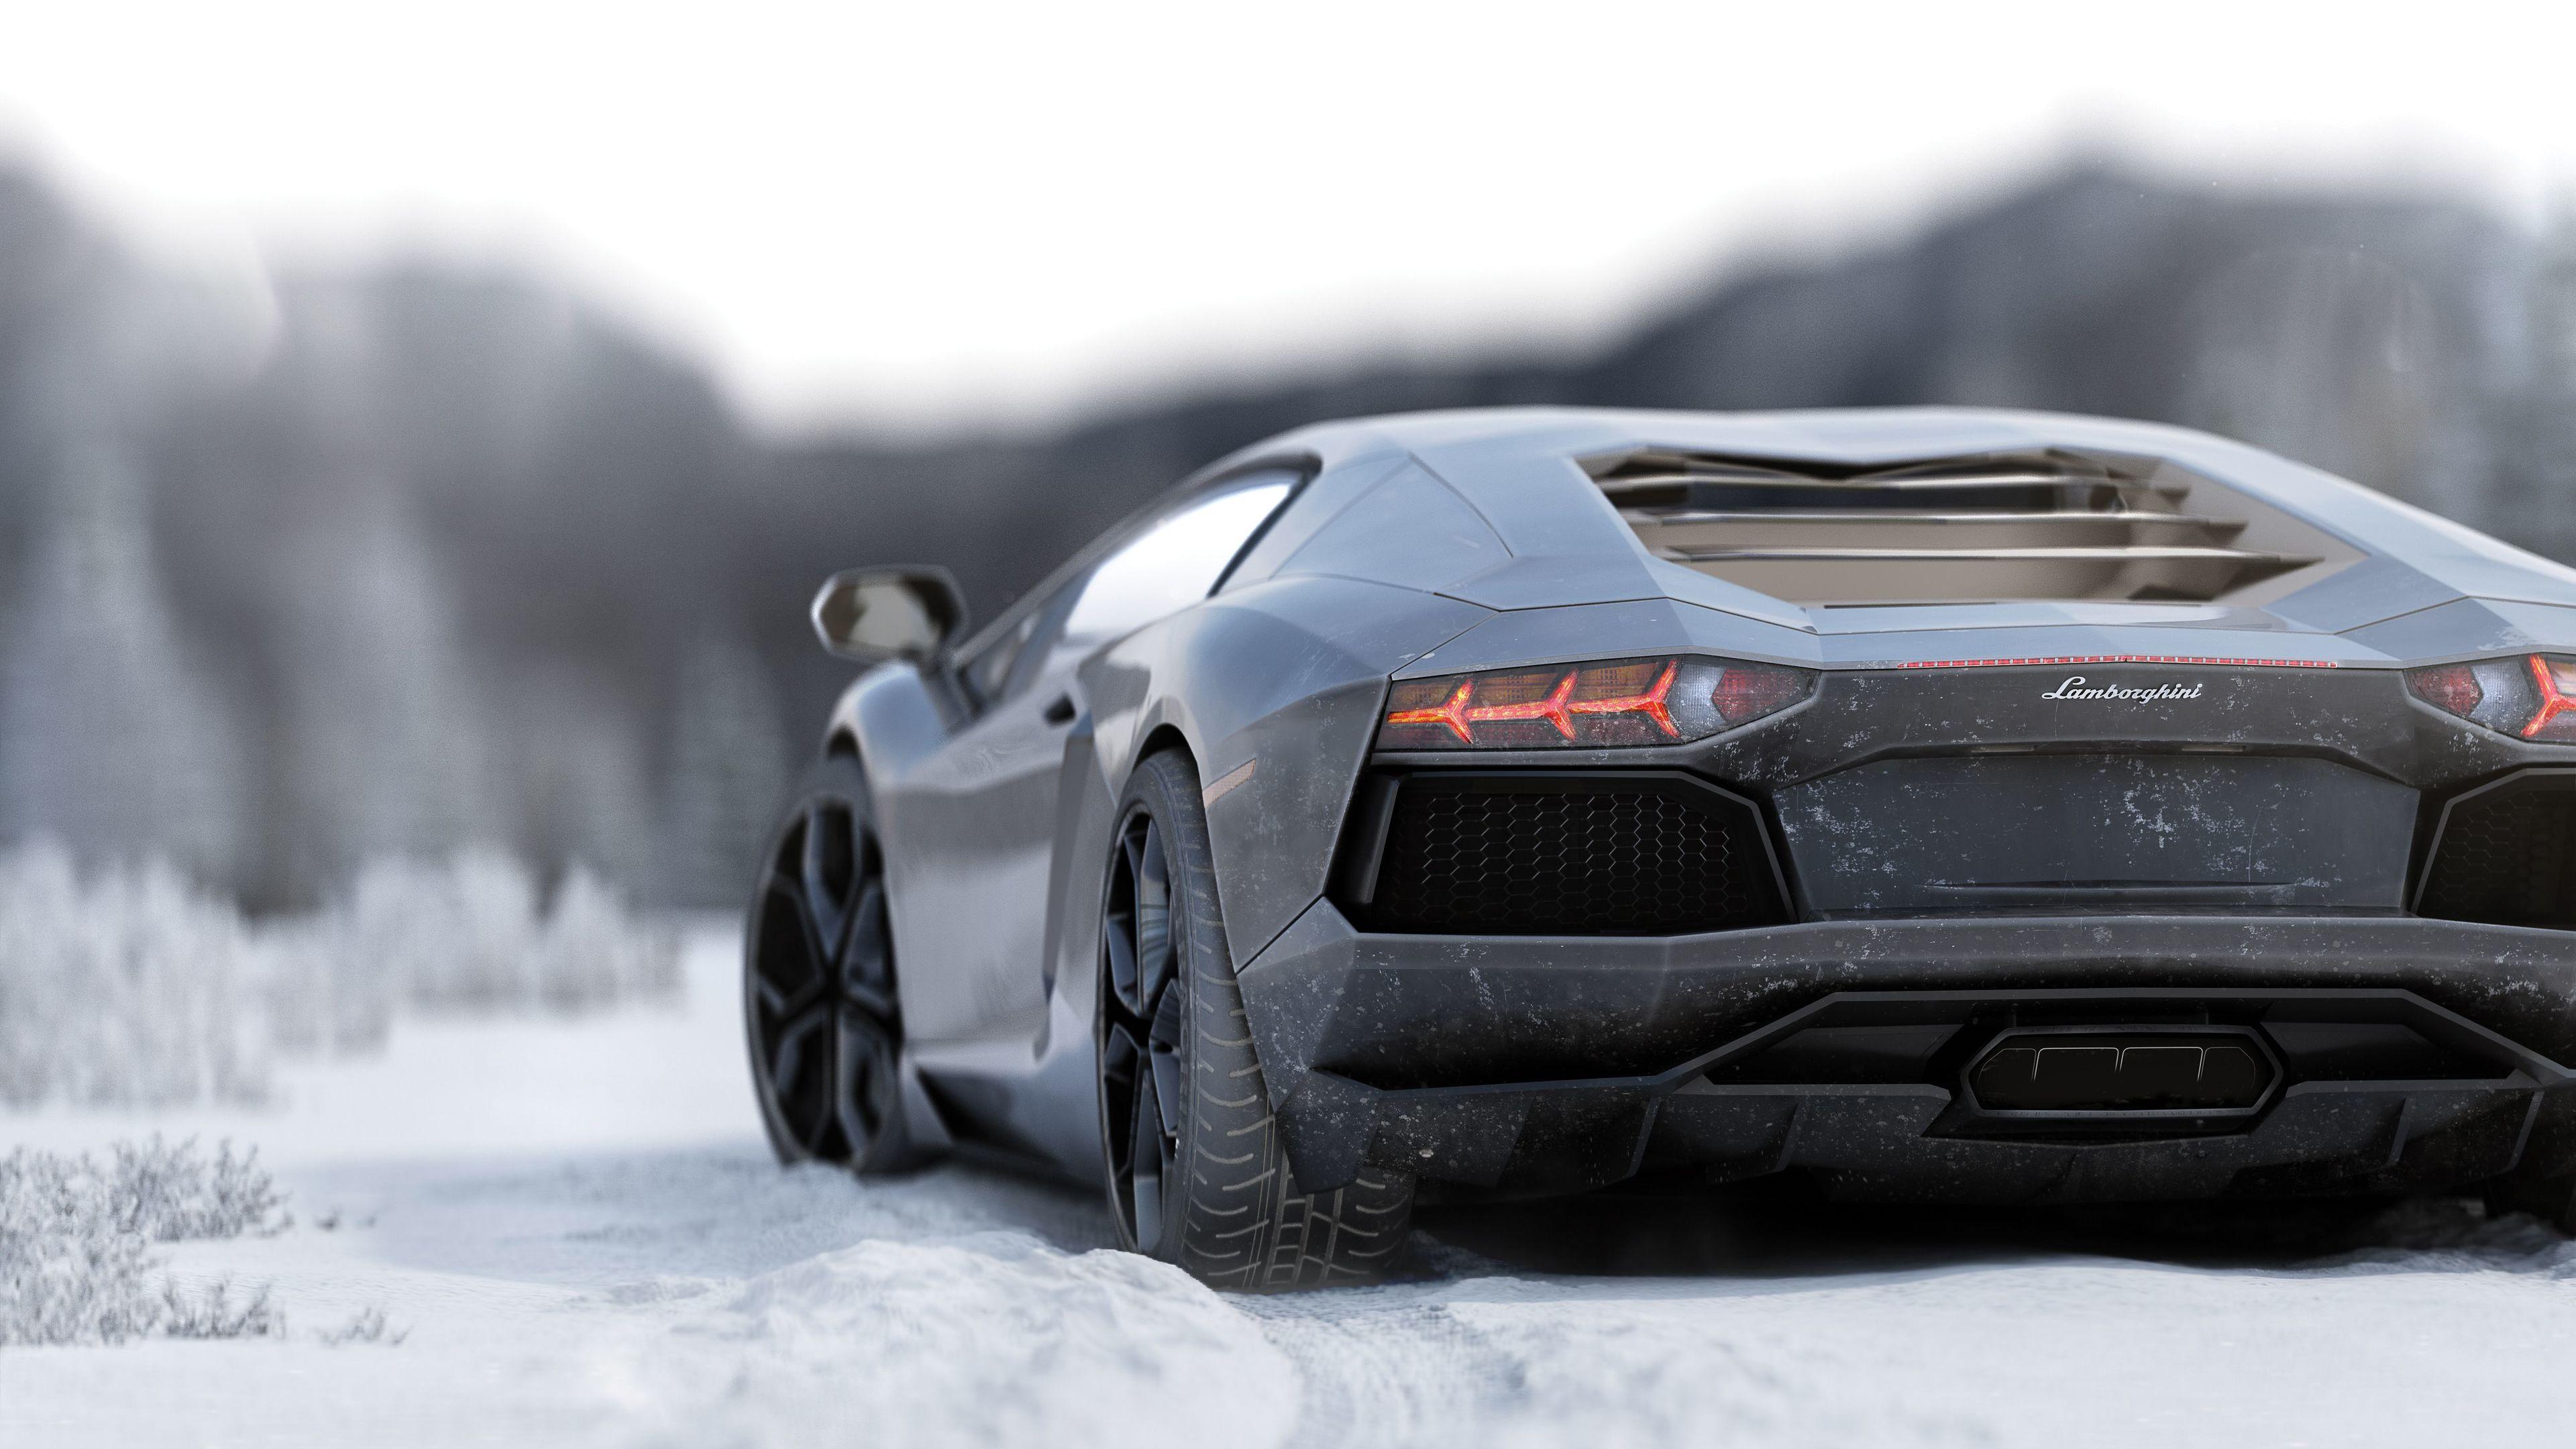 lamborghini aventador 5k rear 1539792931 - Lamborghini Aventador 5k Rear - lamborghini wallpapers, lamborghini aventador wallpapers, hd-wallpapers, cars wallpapers, 5k wallpapers, 4k-wallpapers